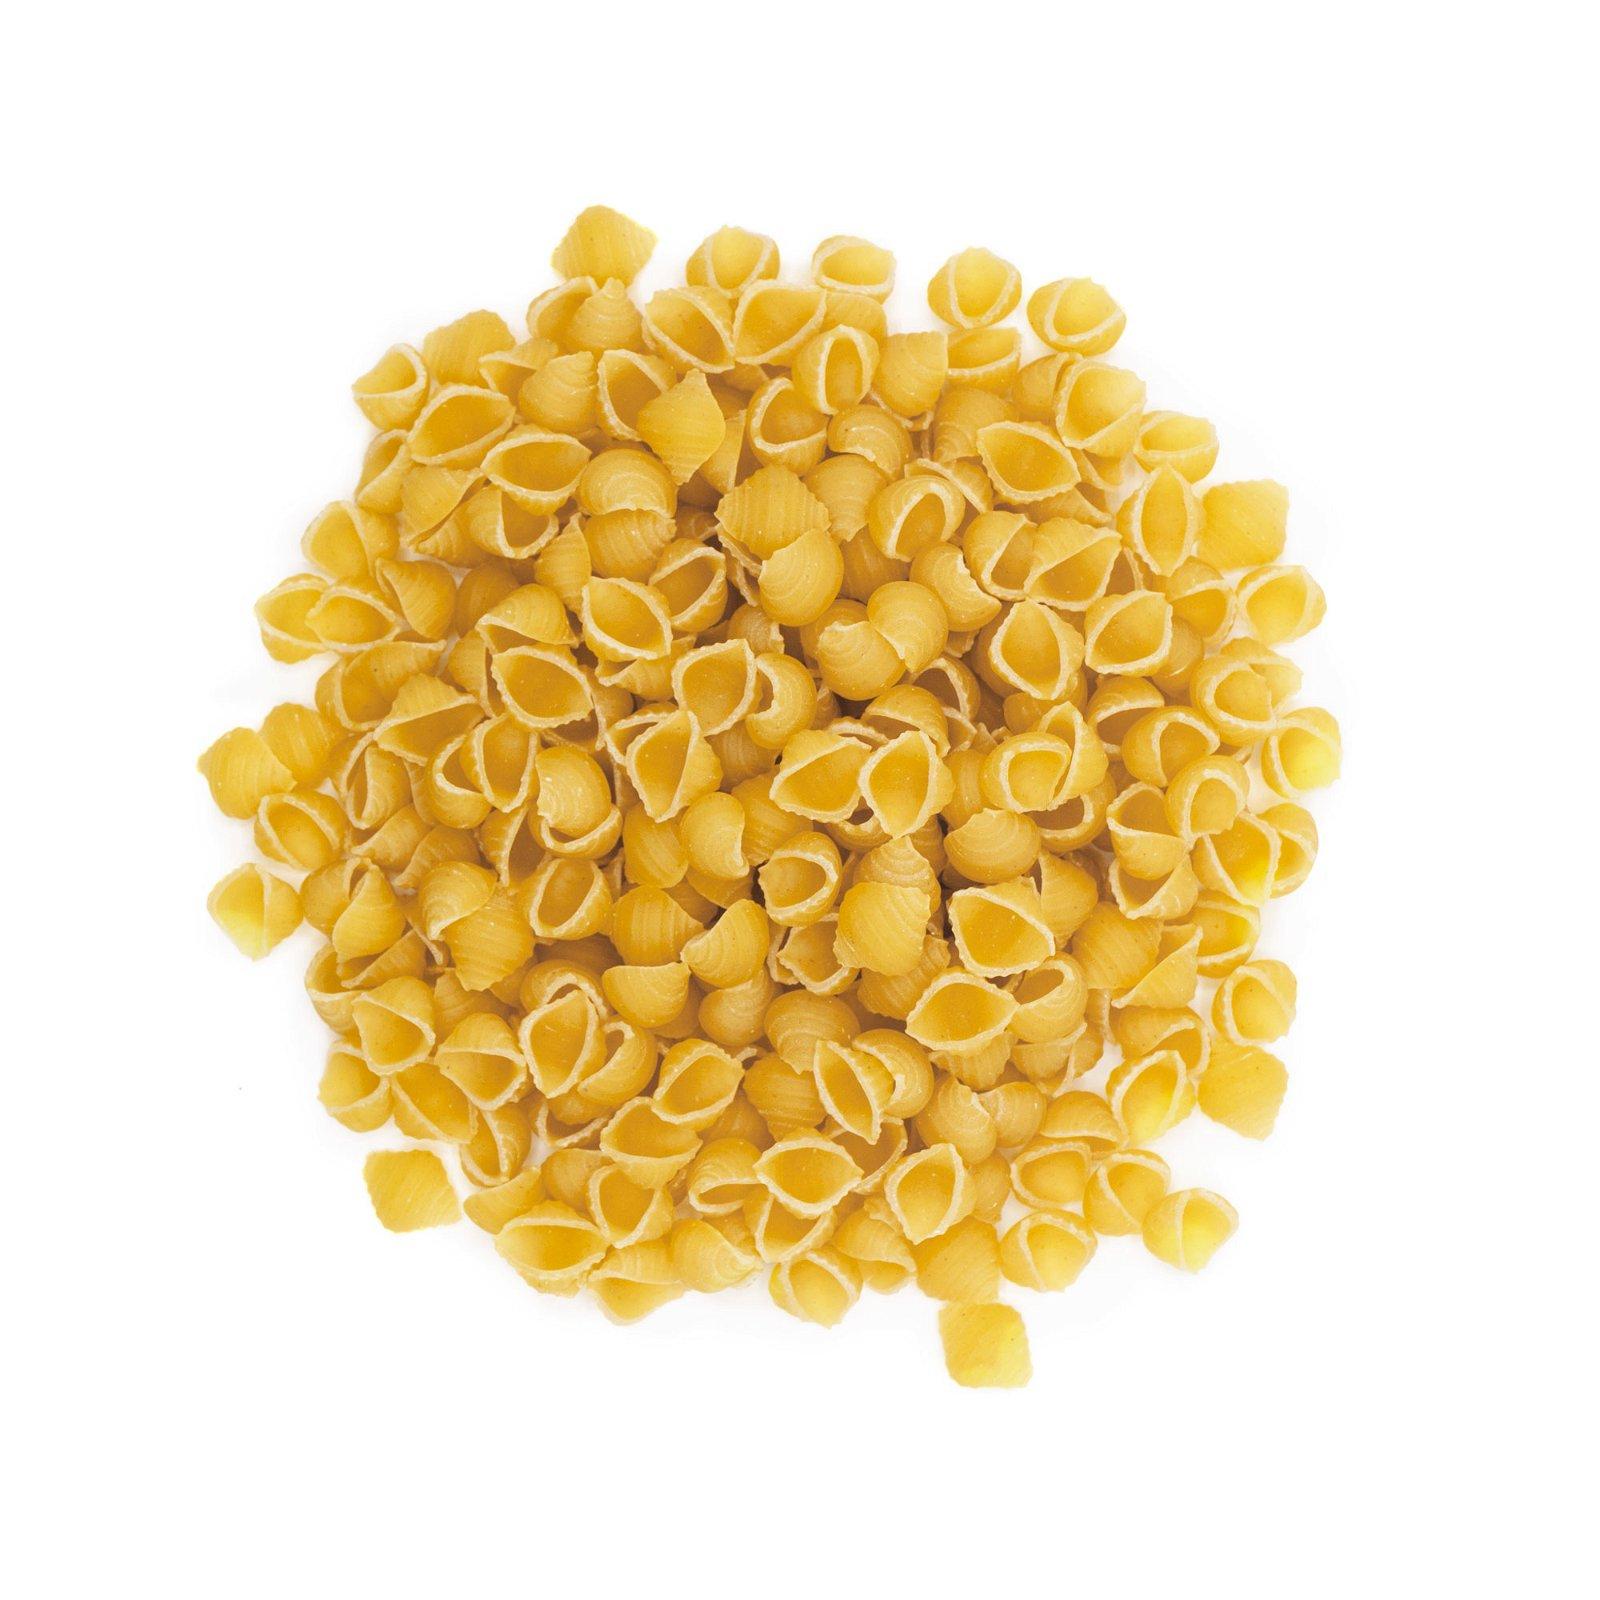 img-la-fourche-1kg-de-pates-cocciolette-blanches-bio-en-vrac